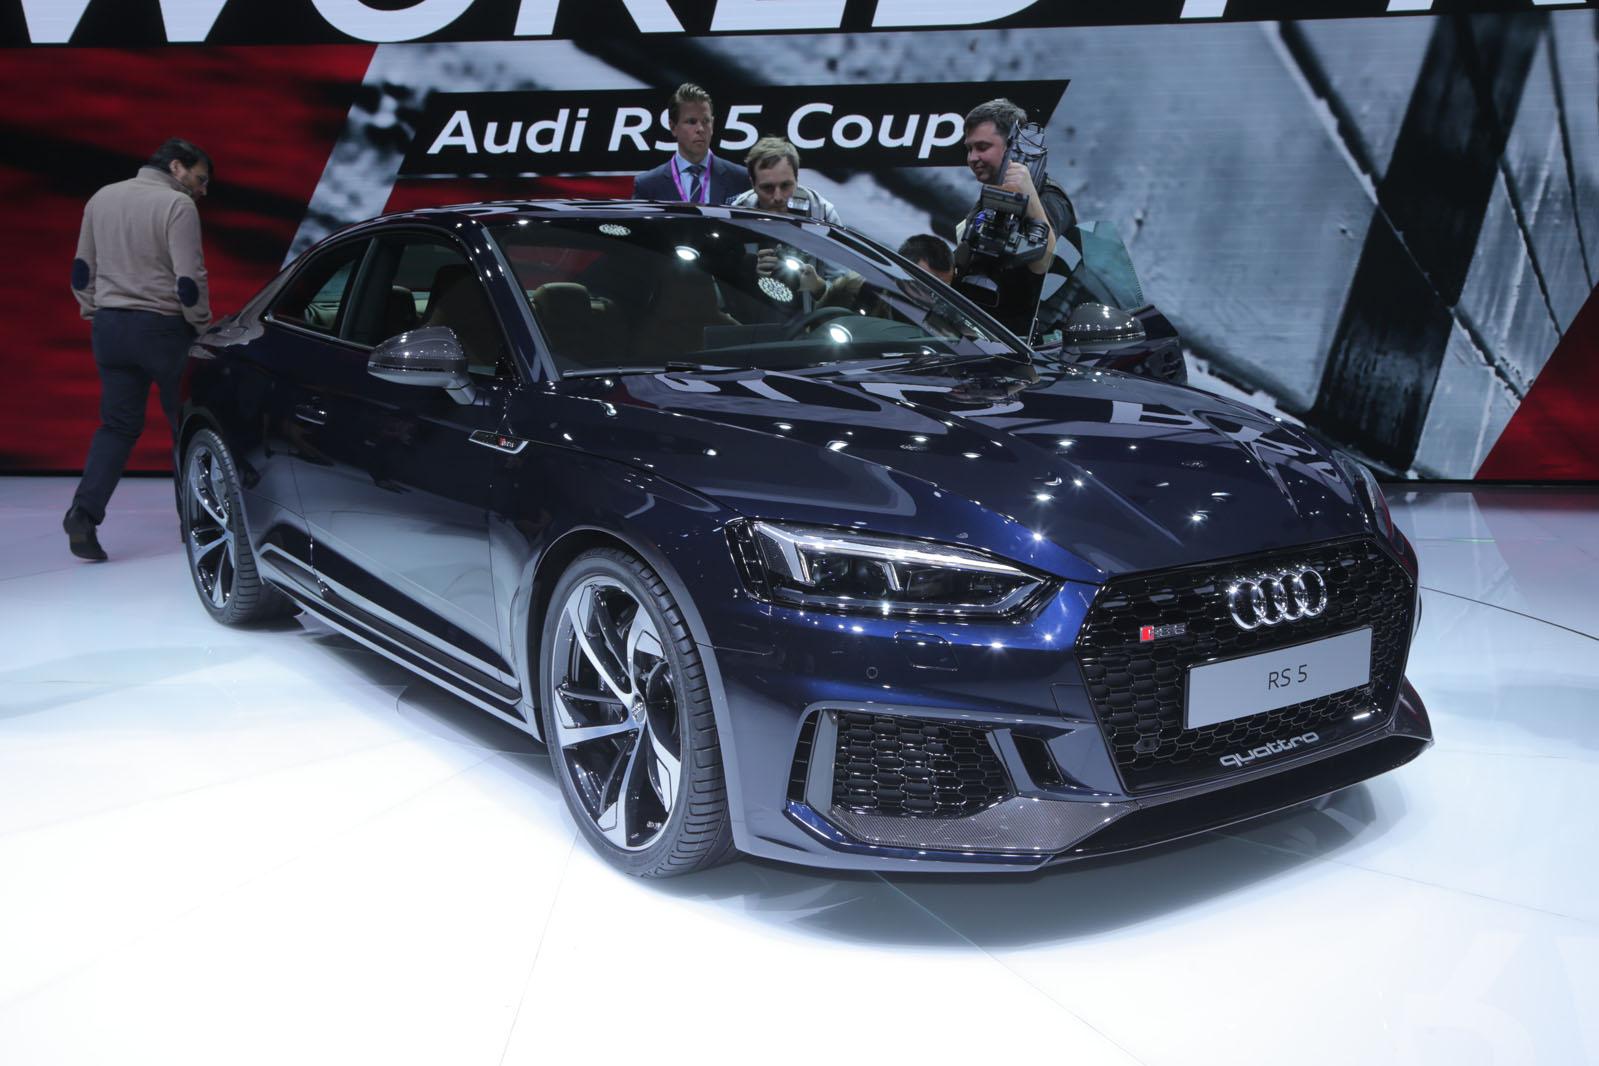 new car releases 2014 ukGeneva motor show  Autocar